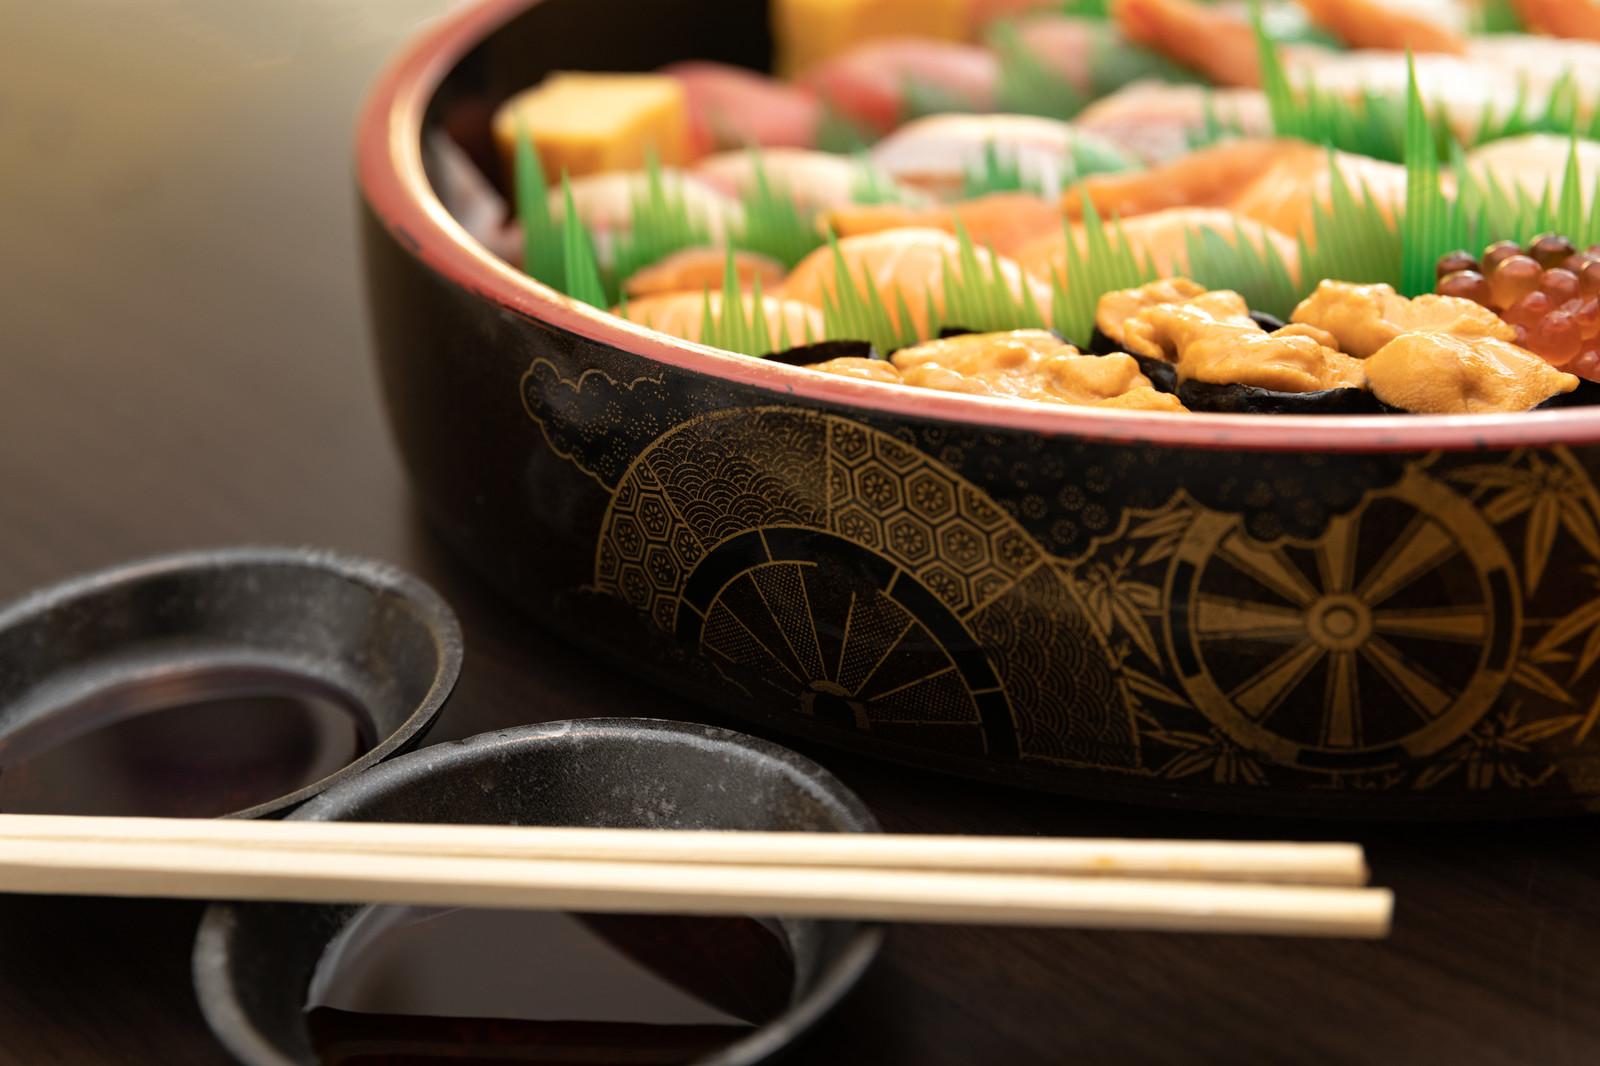 藤沢で美味しい寿司店ランキングBEST11!人気店を厳選してご紹介!